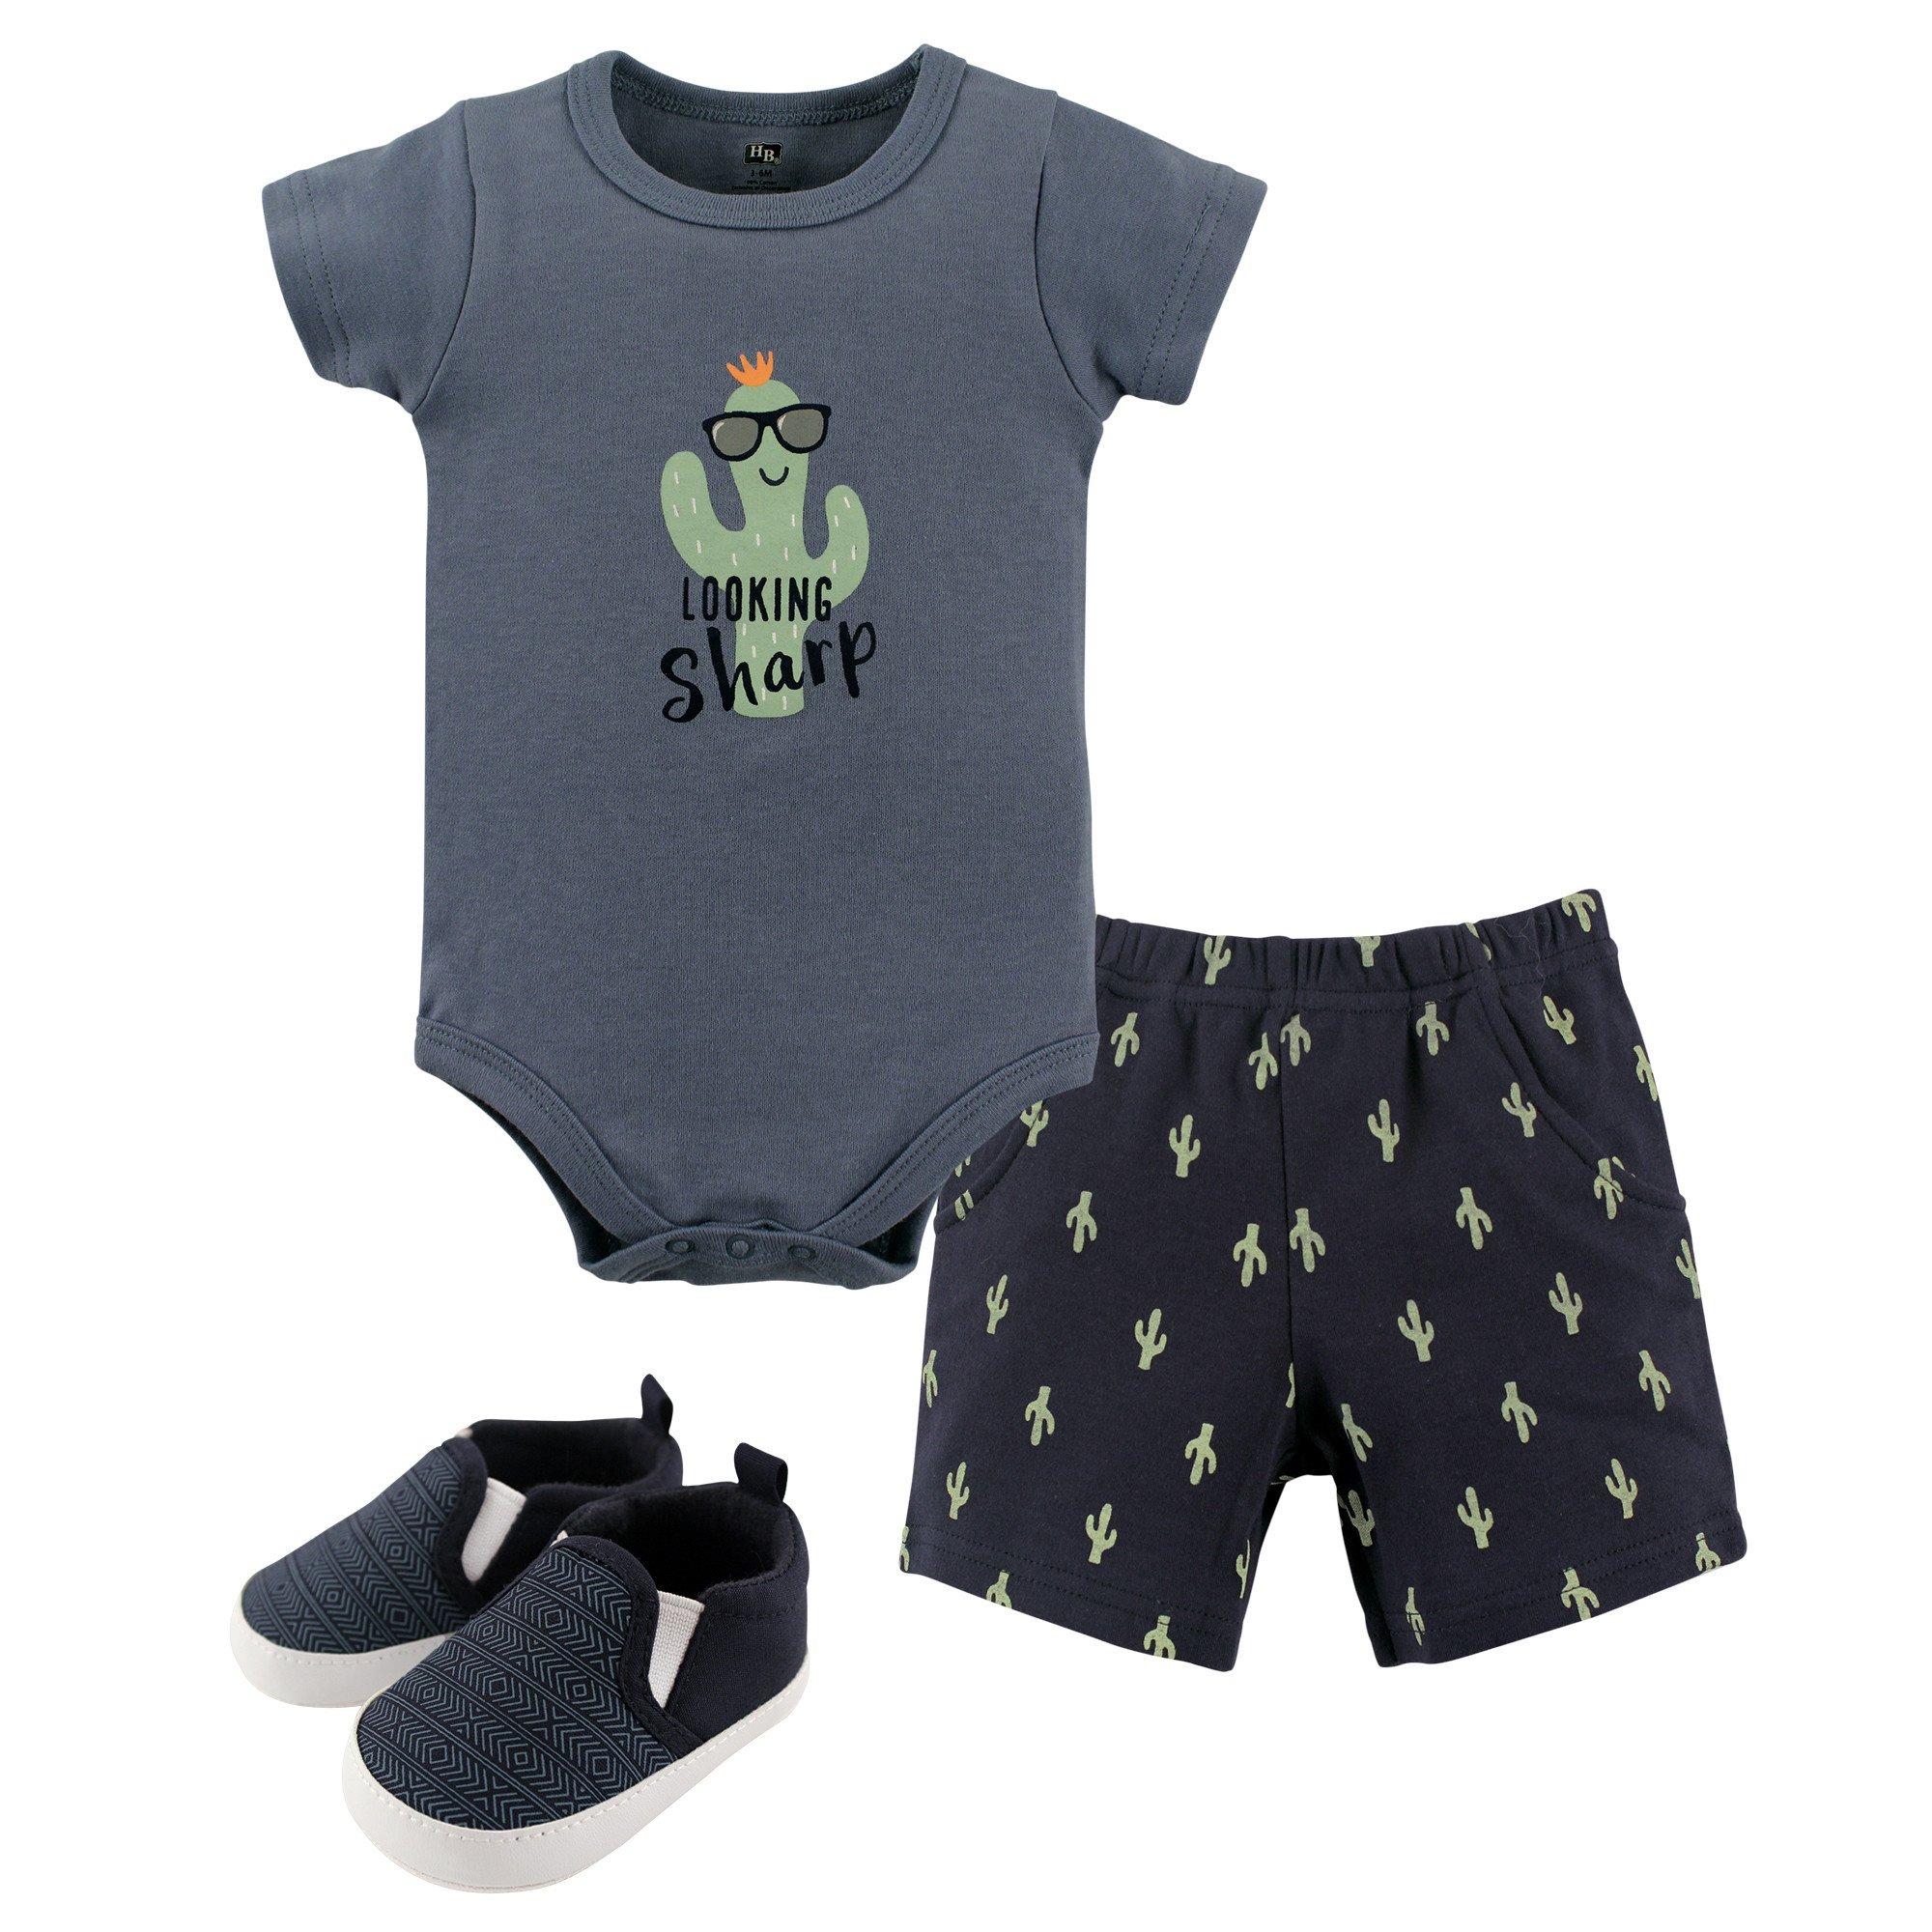 Hudson Baby Cotton Bodysuit, Bottoms and Shoe Set, Cactus, 6-9 Months (9M)